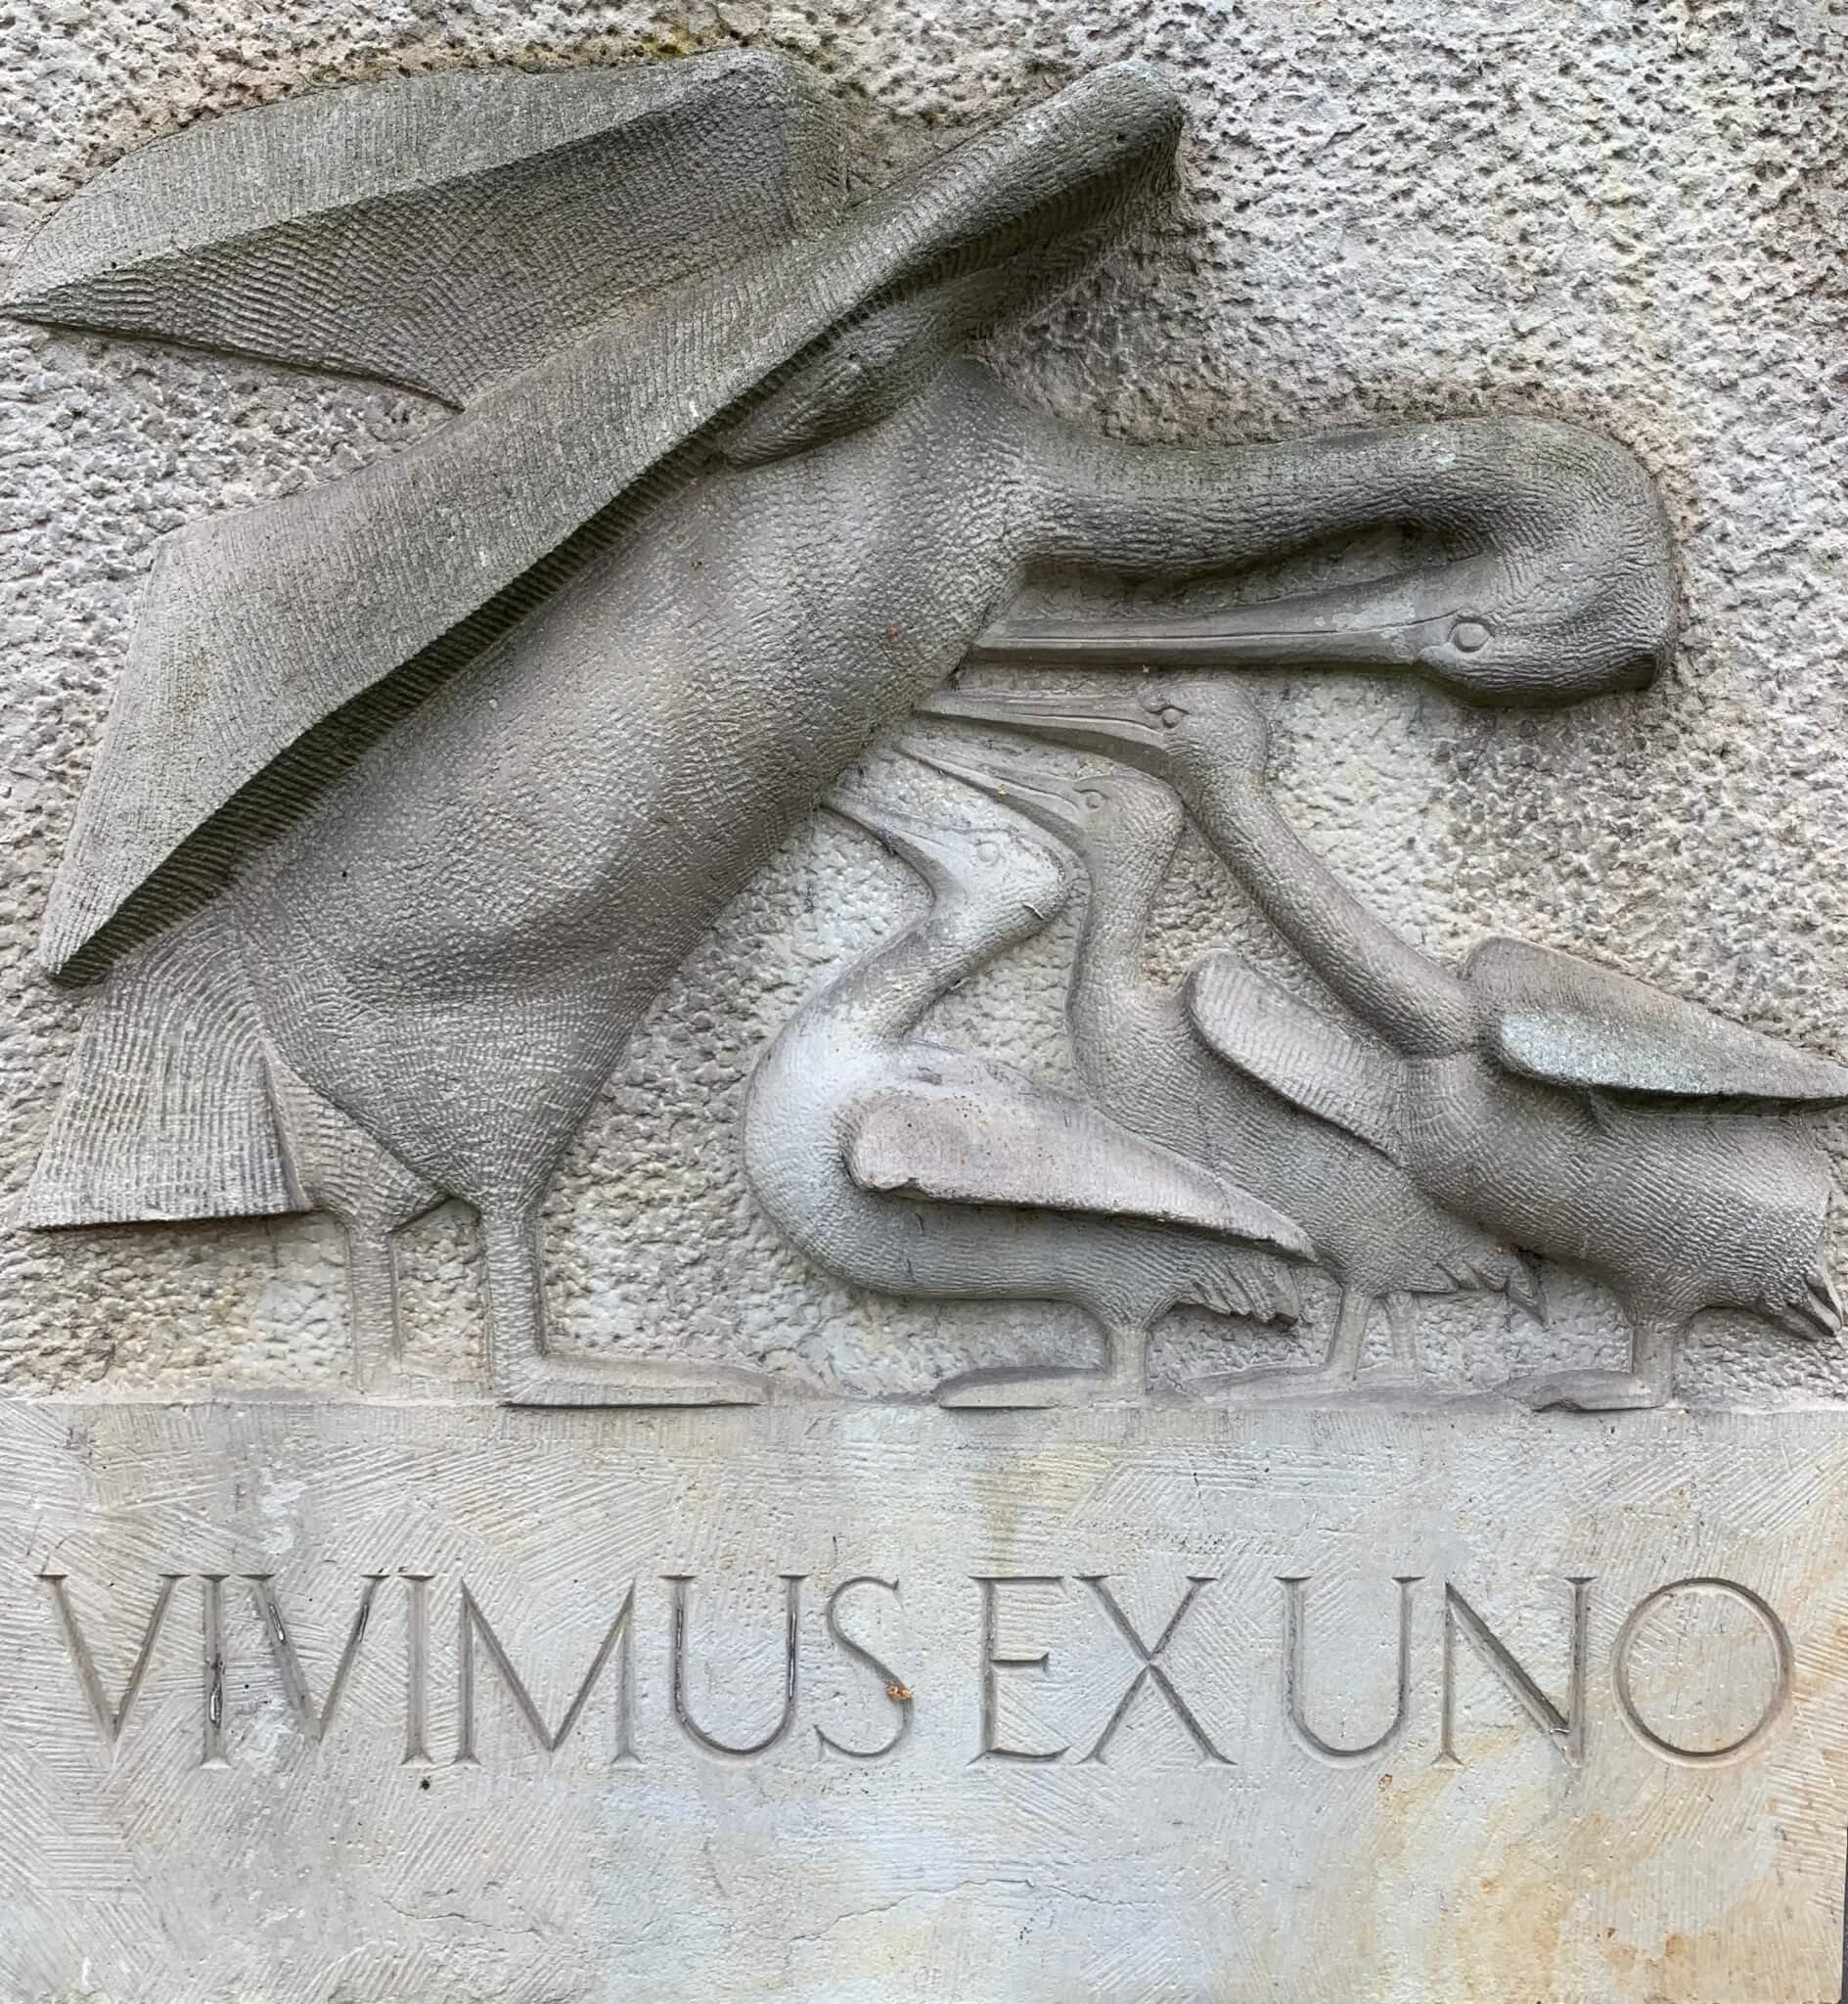 Vivimus ex Uno